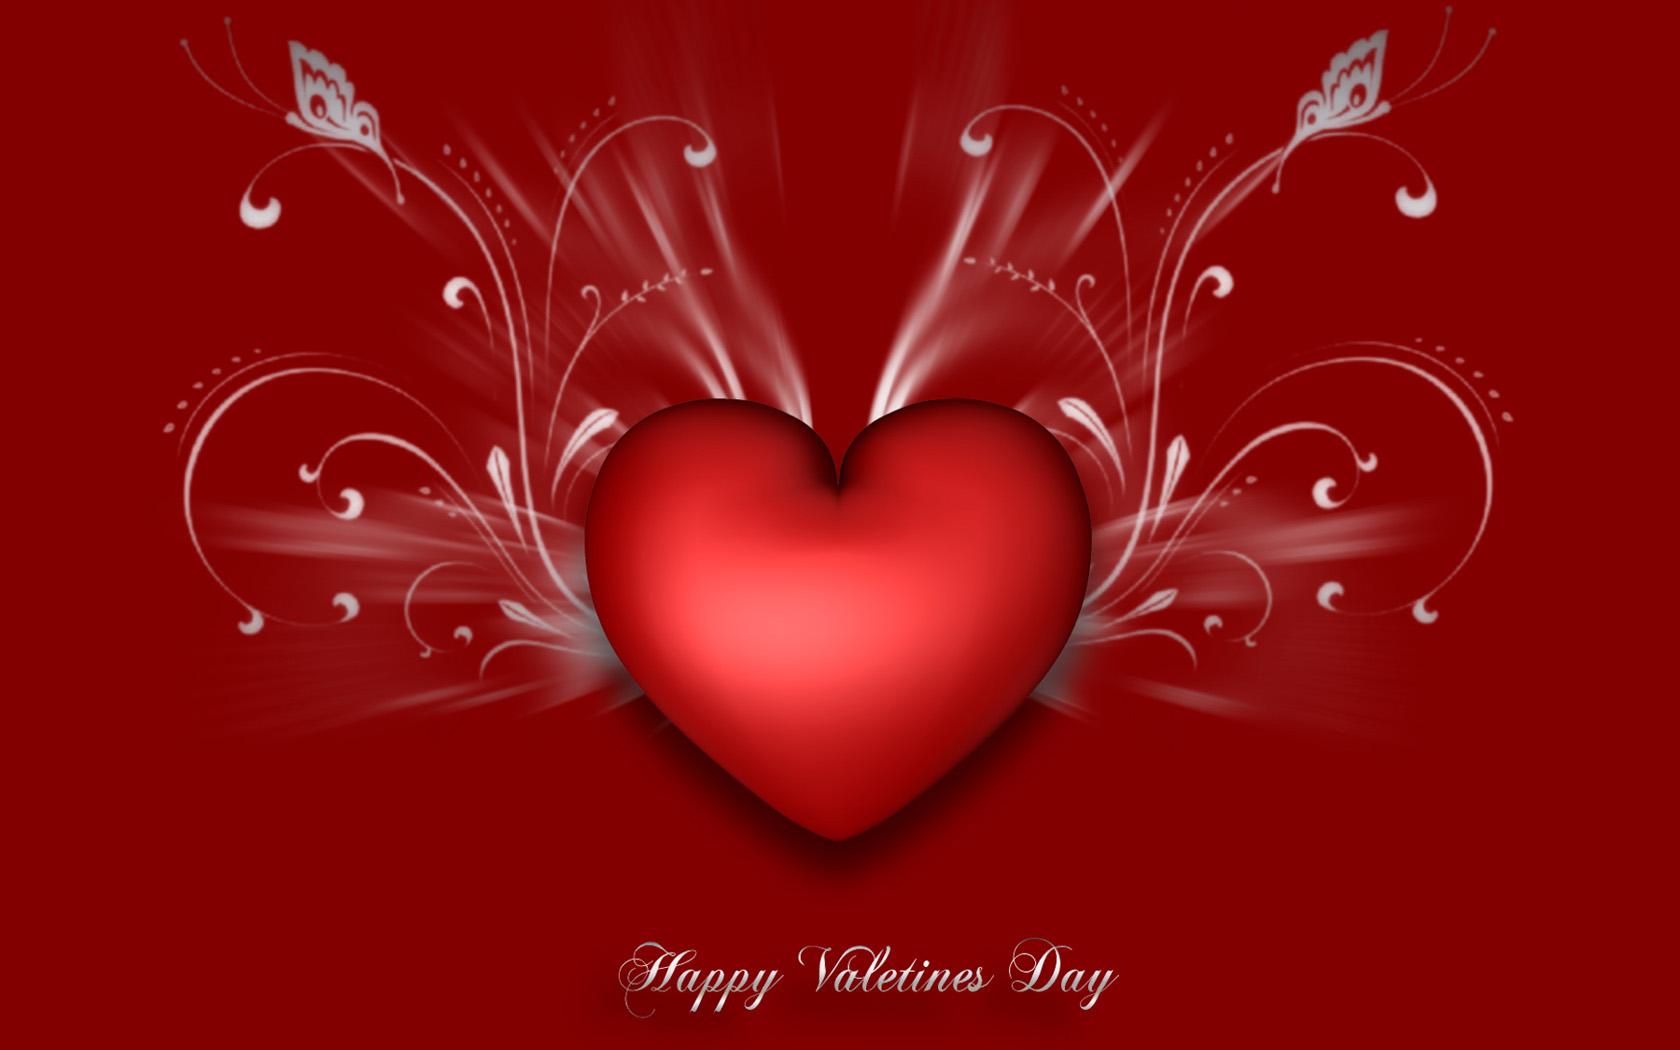 Valentine Day Wallpaper Desktopjpg 1680x1050